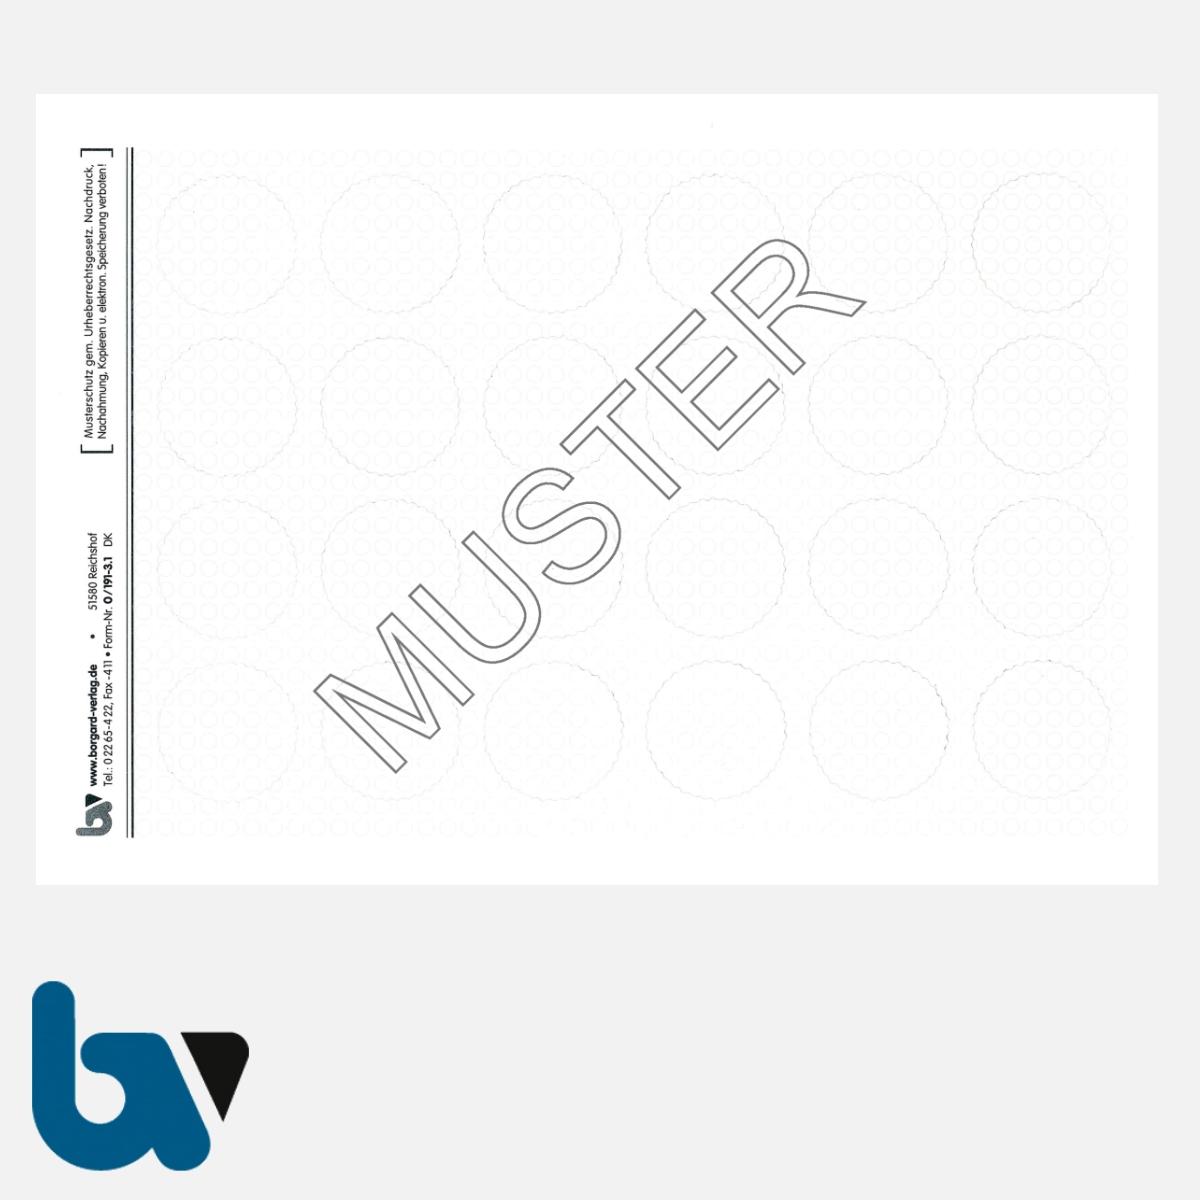 0/191-3.1 Verschlusssiegel Dokumentenfolie Dokumentensiegel blanko neutral rund Manipulation Sicher 25 mm Blatt 24 Stück | Borgard Verlag GmbH